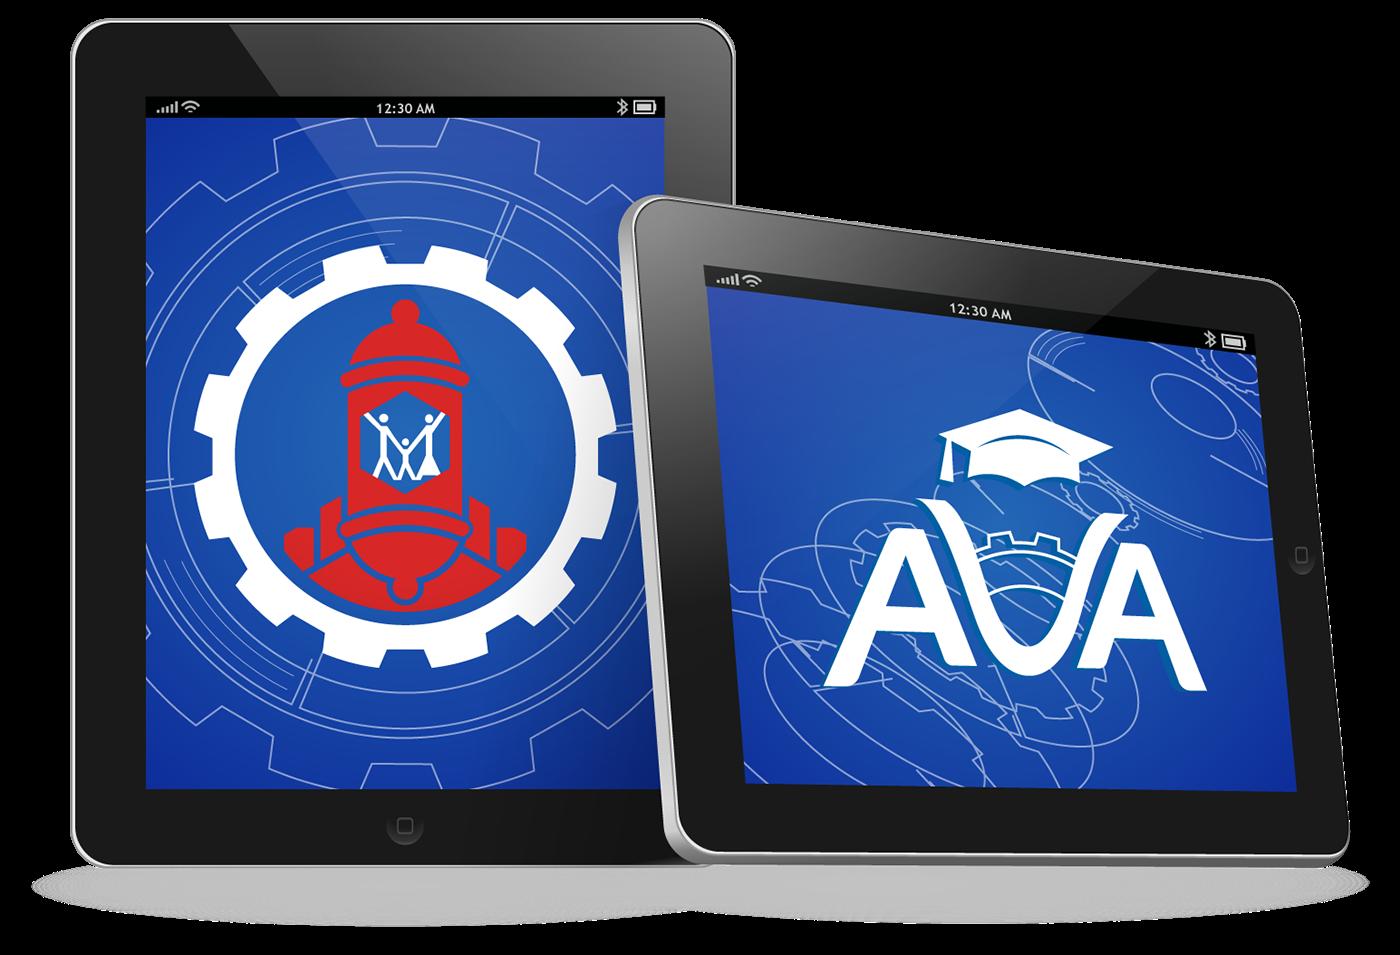 Educación Virtual virtual education e-learning comfenalco tecnologia g3k edgar gutierrez Cartagena Docencia educación Education University